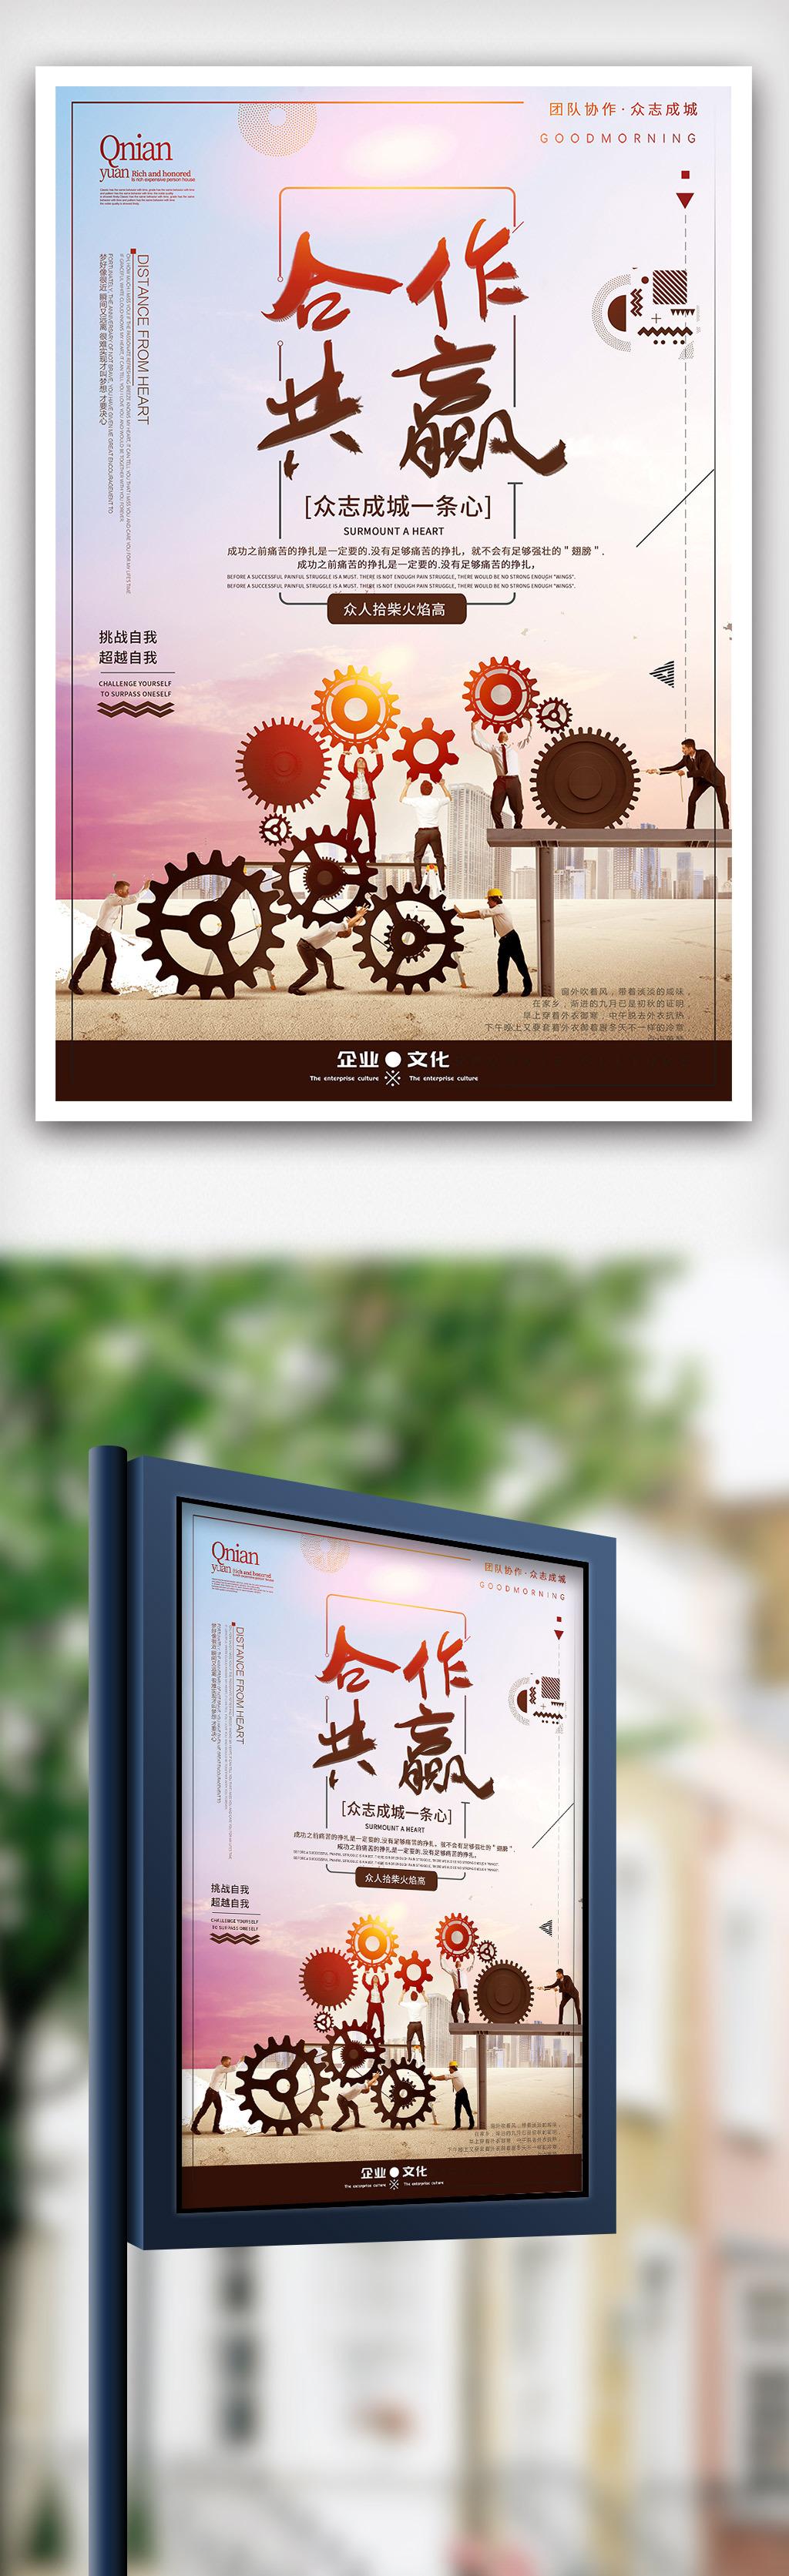 2018合作共赢未来梦想企业文化海报图片